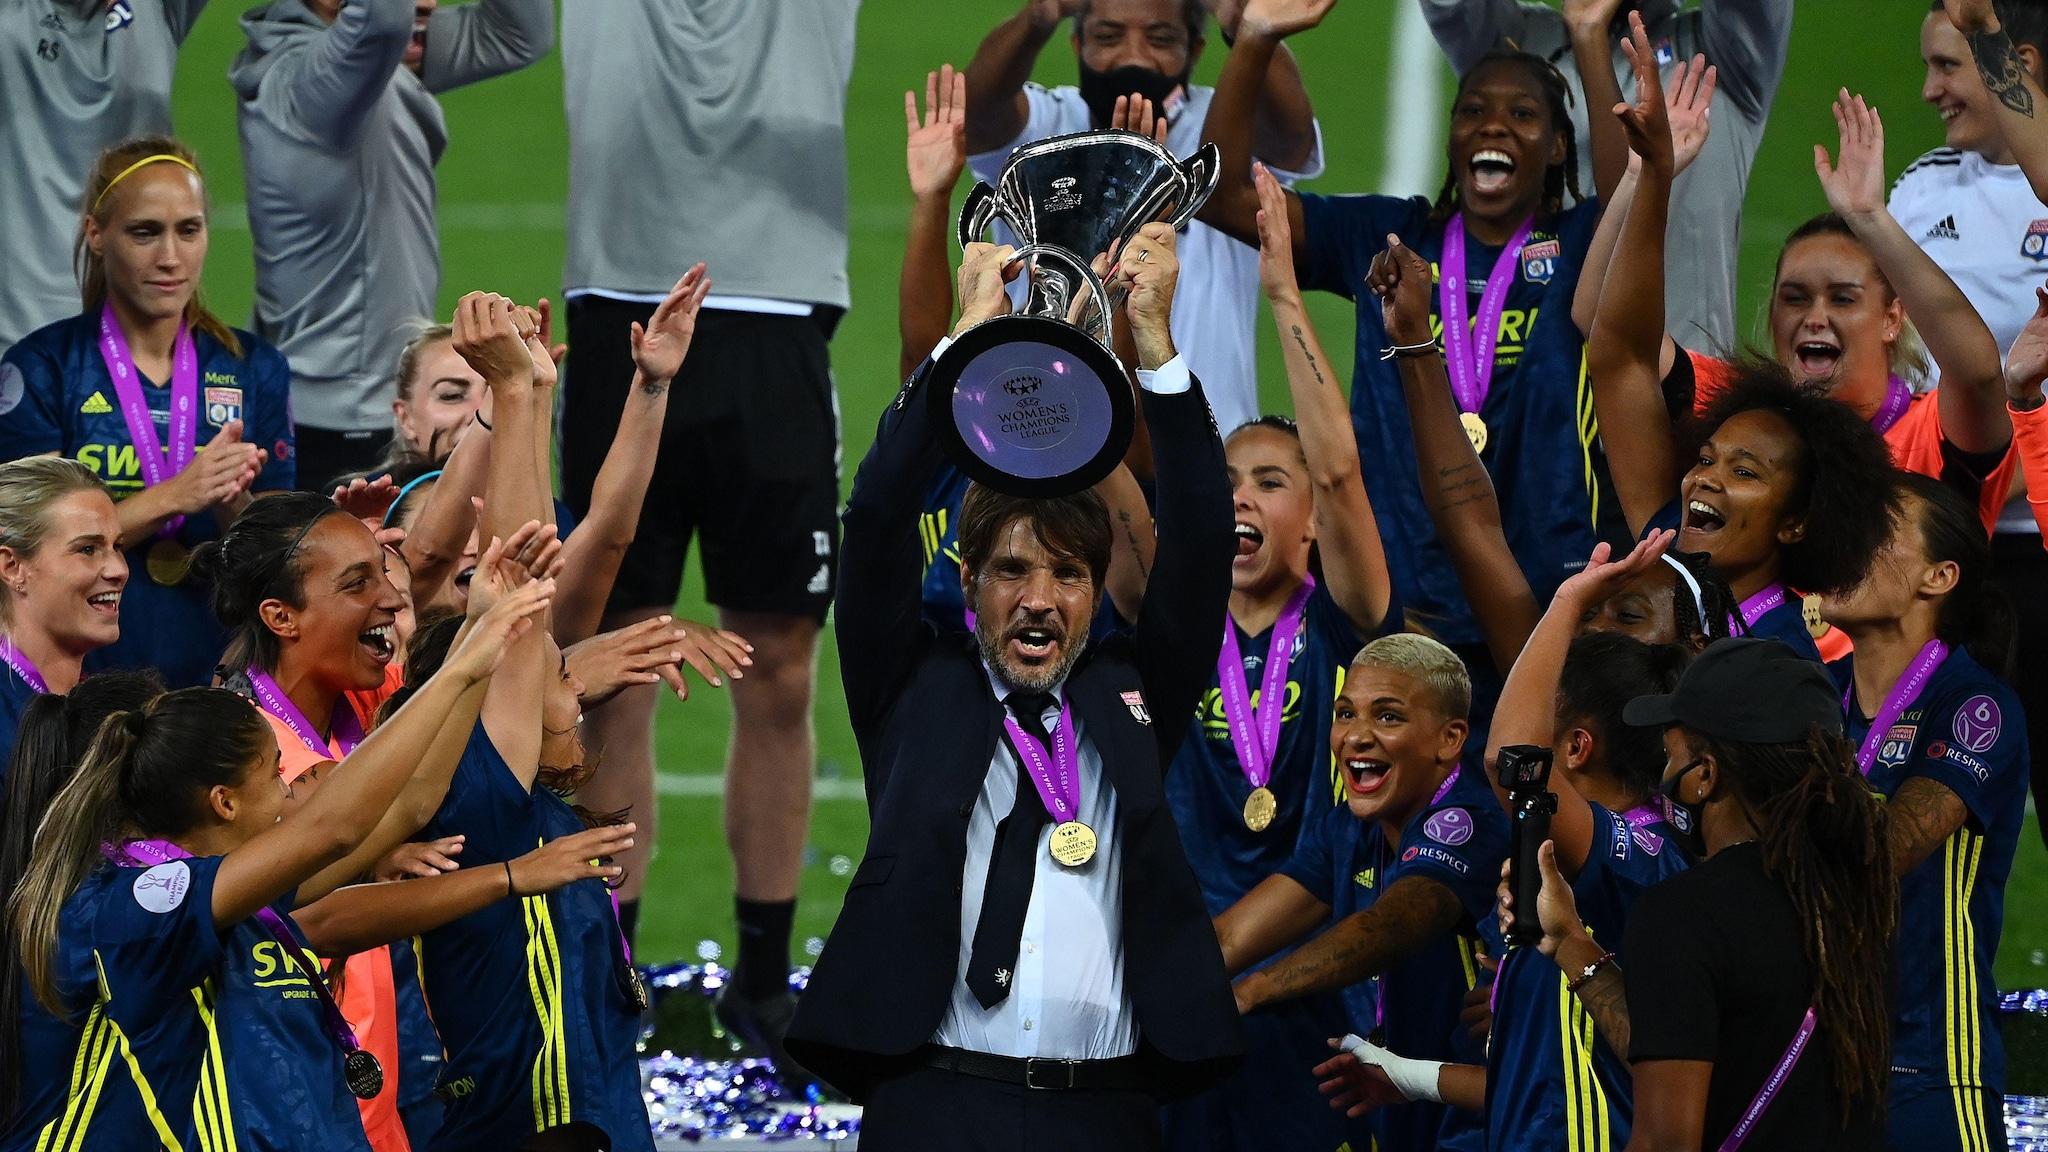 Жан-Люк Вассер - Лучший тренер сезона у женщин   Лига чемпионов УЕФА среди женщин   UEFA.com